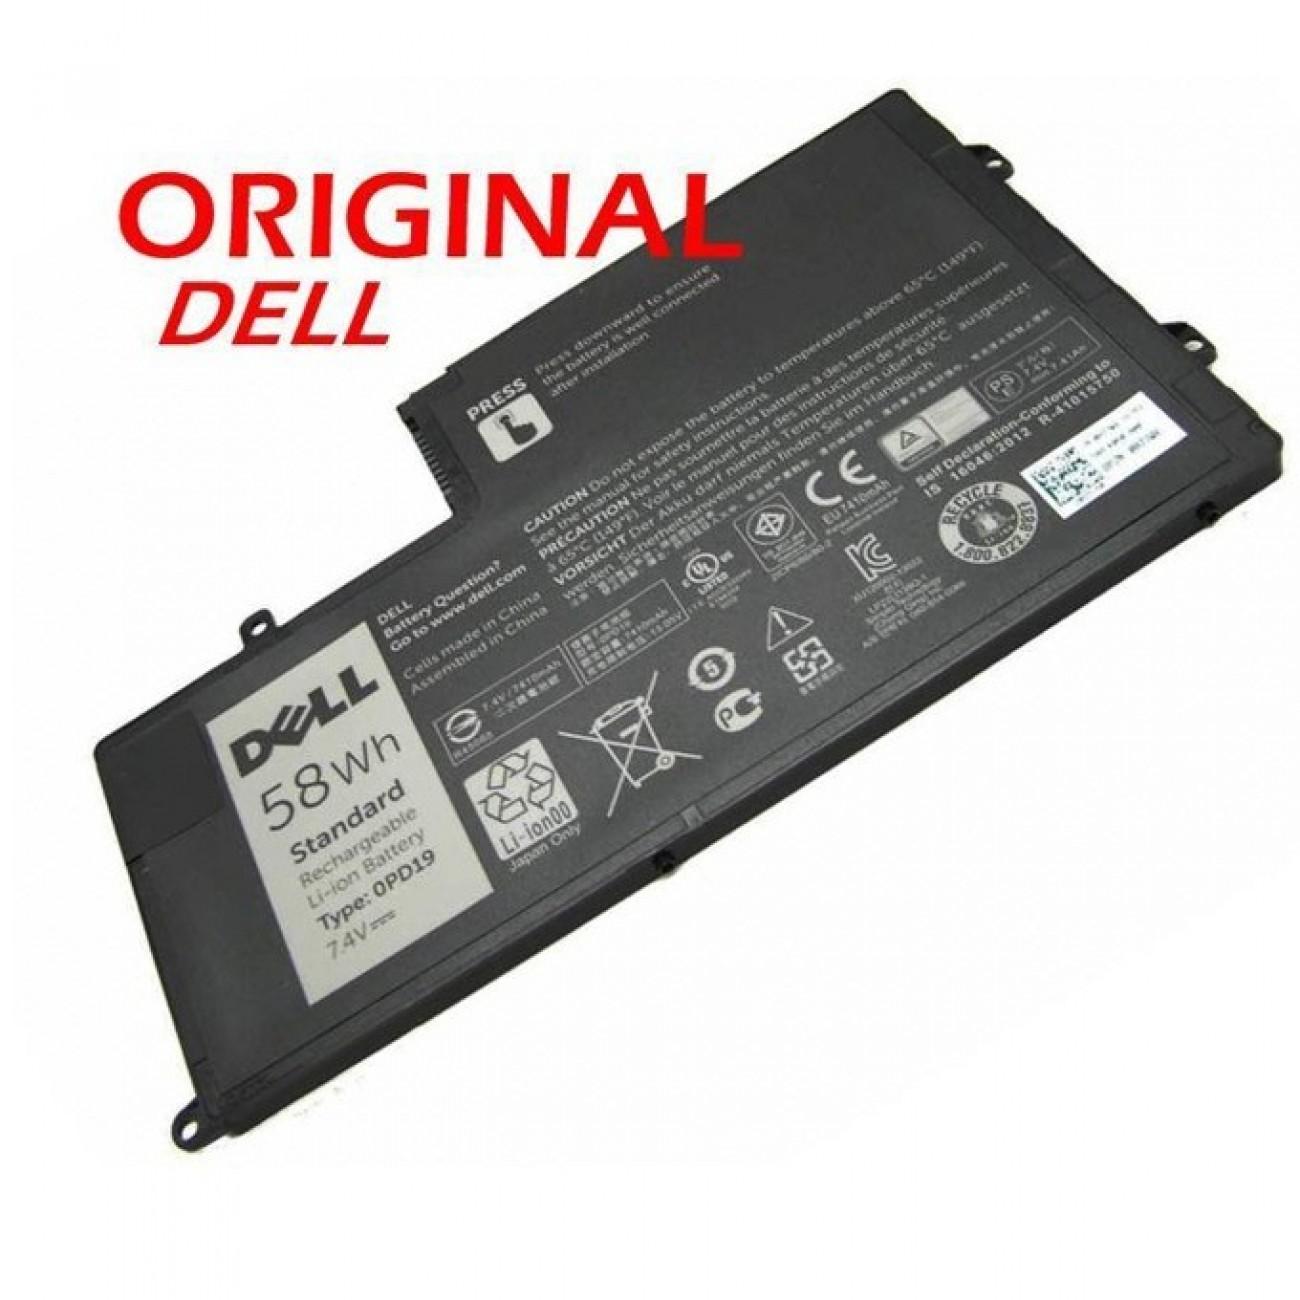 Батерия (оригинална) за Лаптоп DELL Inspiron 3550 0PD19 58DP4, 7.4 V, 7837mAh в Батерии за Лаптоп -  | Alleop